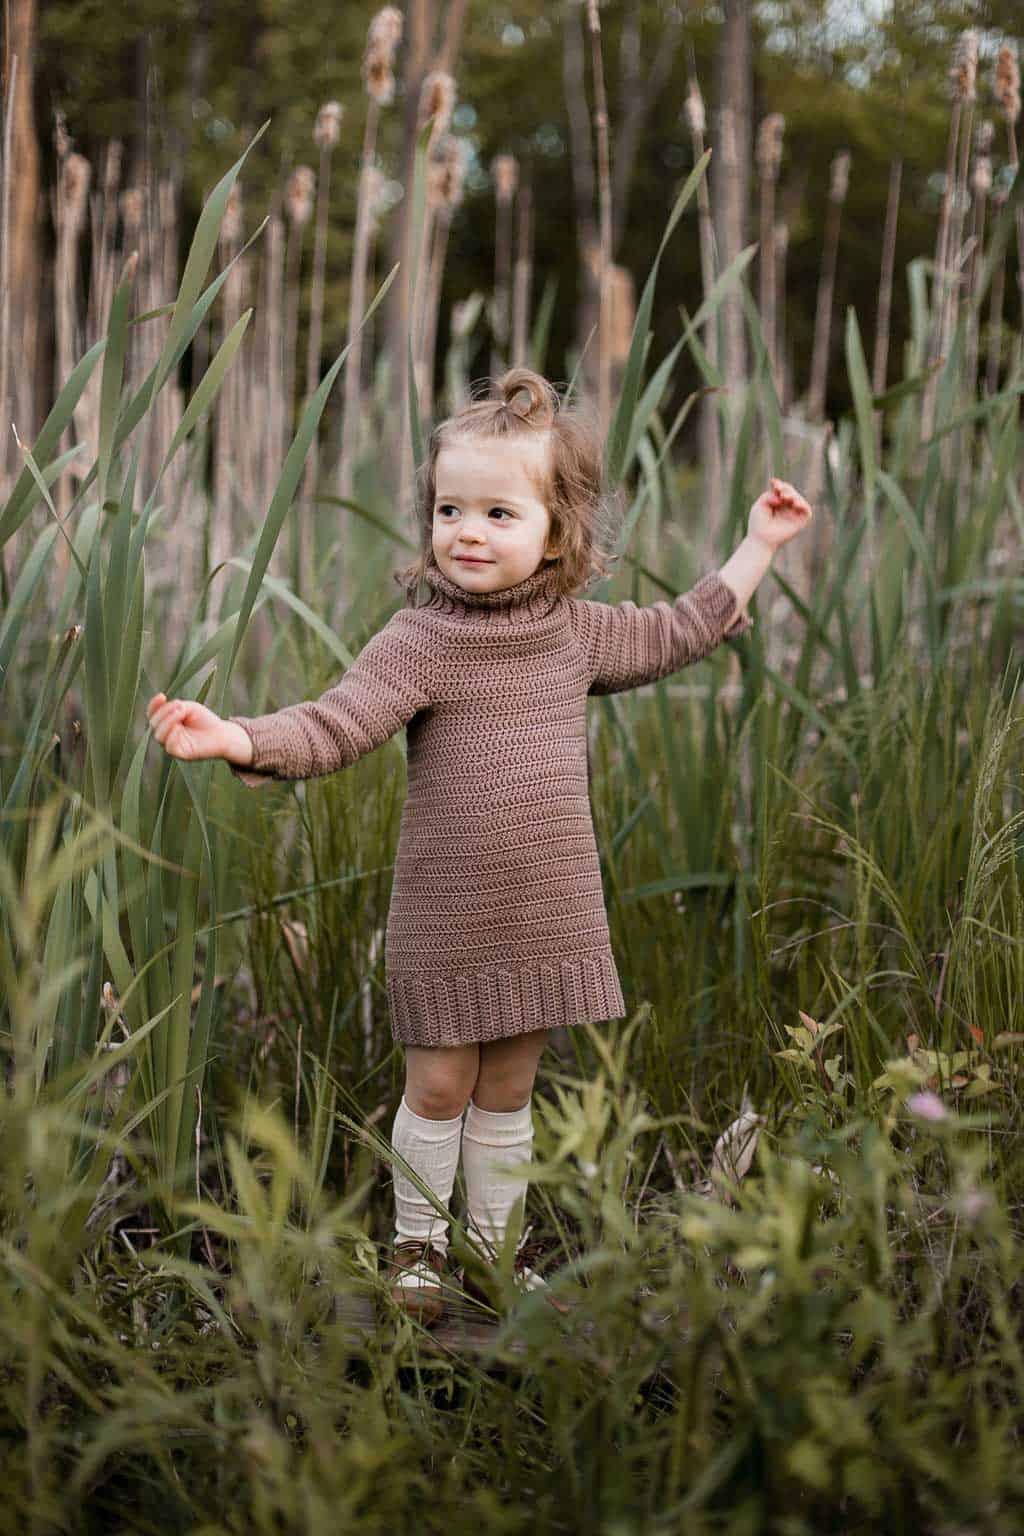 Toddler girl standing in field of tall green grass, wearing a brown crochet sweater dress.